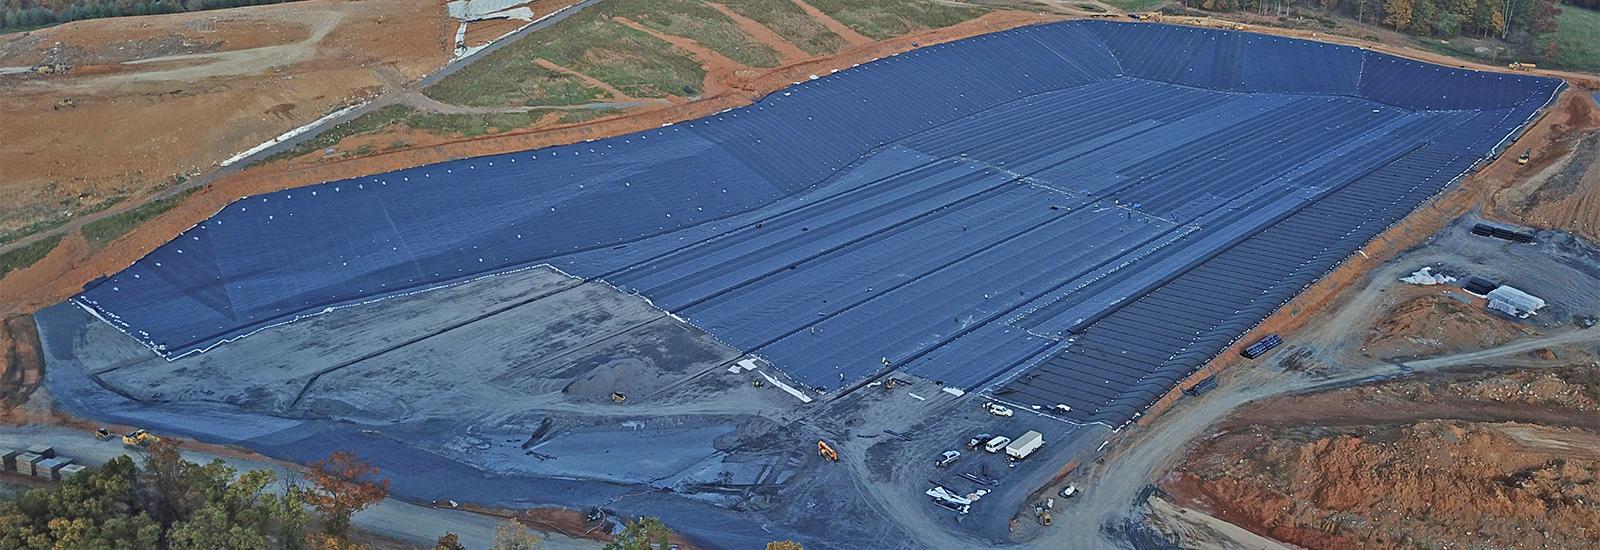 Rockingham Co aerial